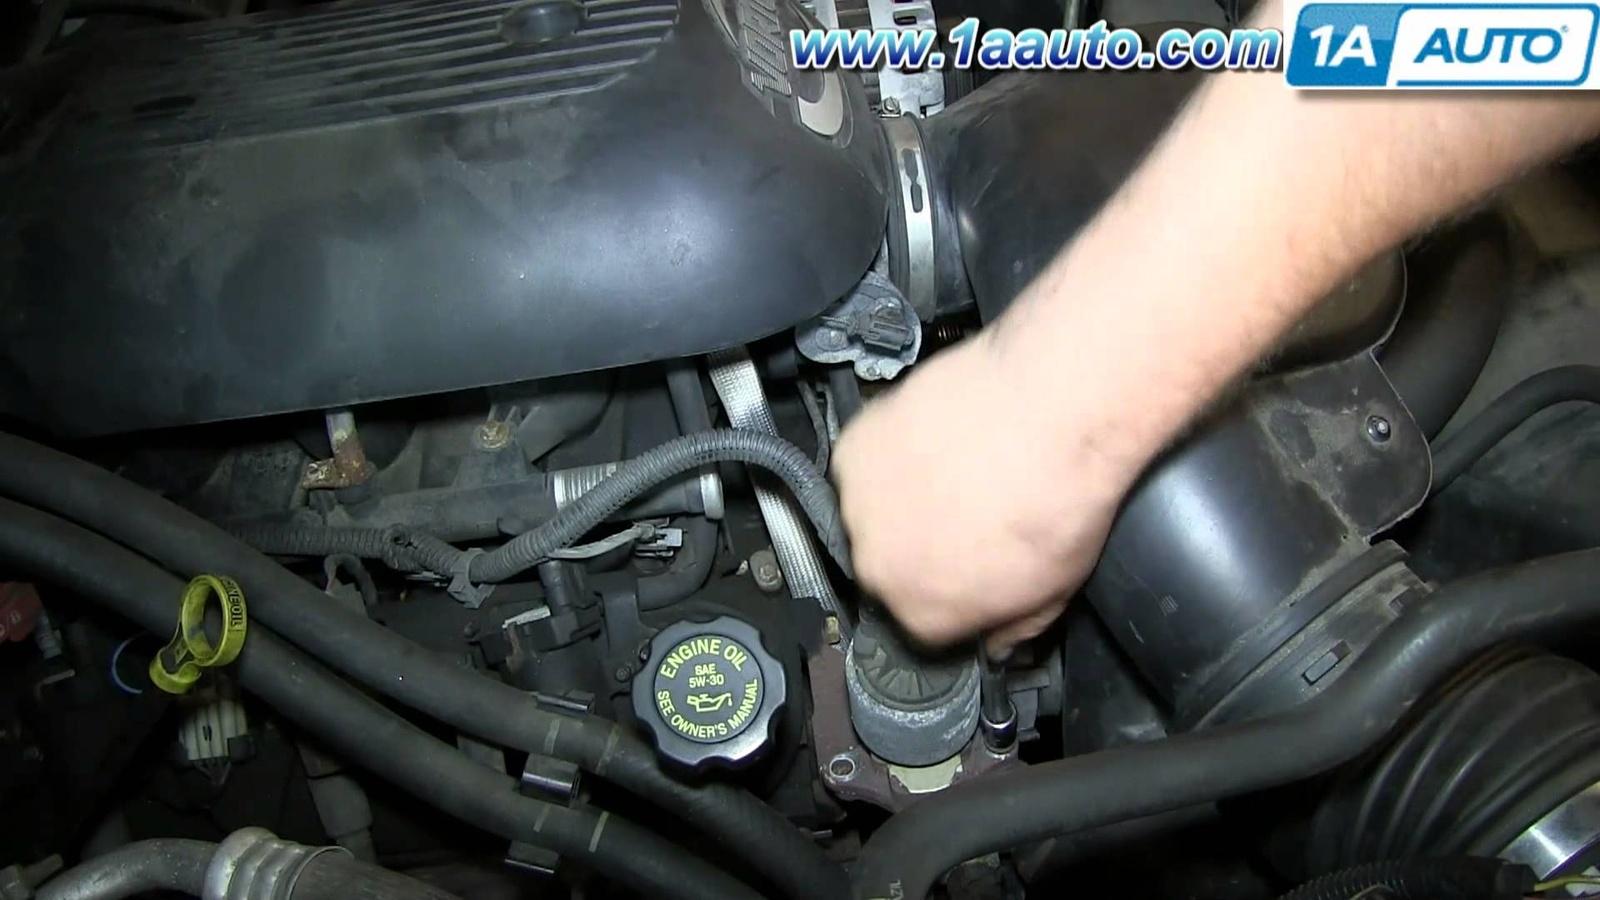 1999 Chevy Silverado Fuel Filter Location 2005 Avalanche